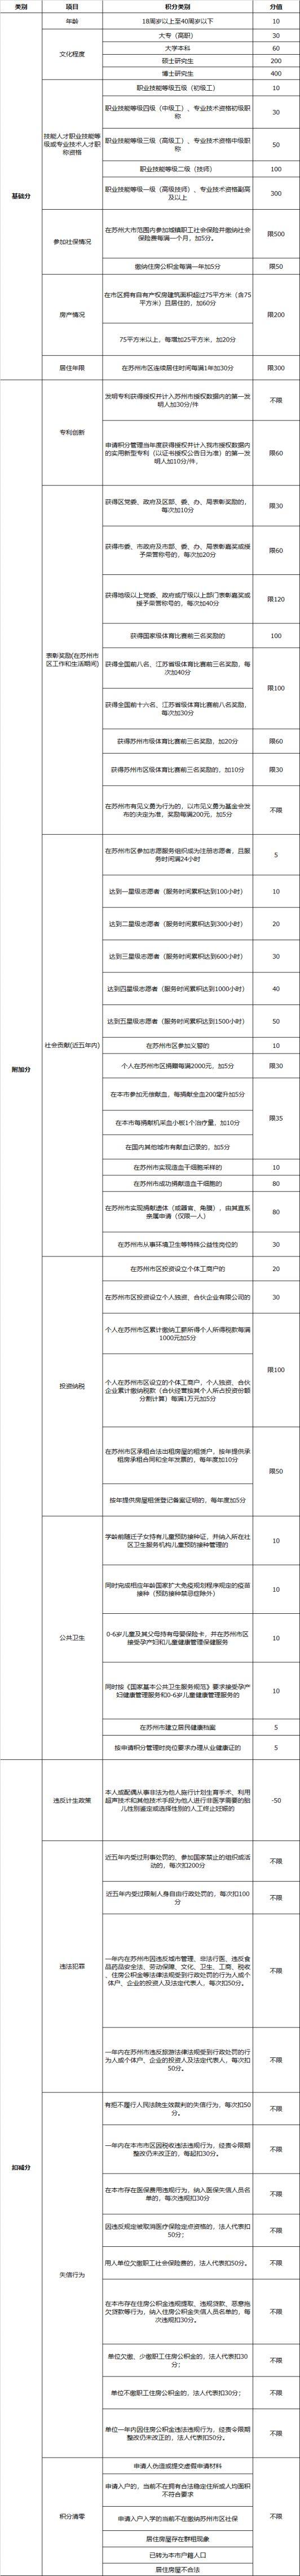 苏州流动人口积分管理计分表